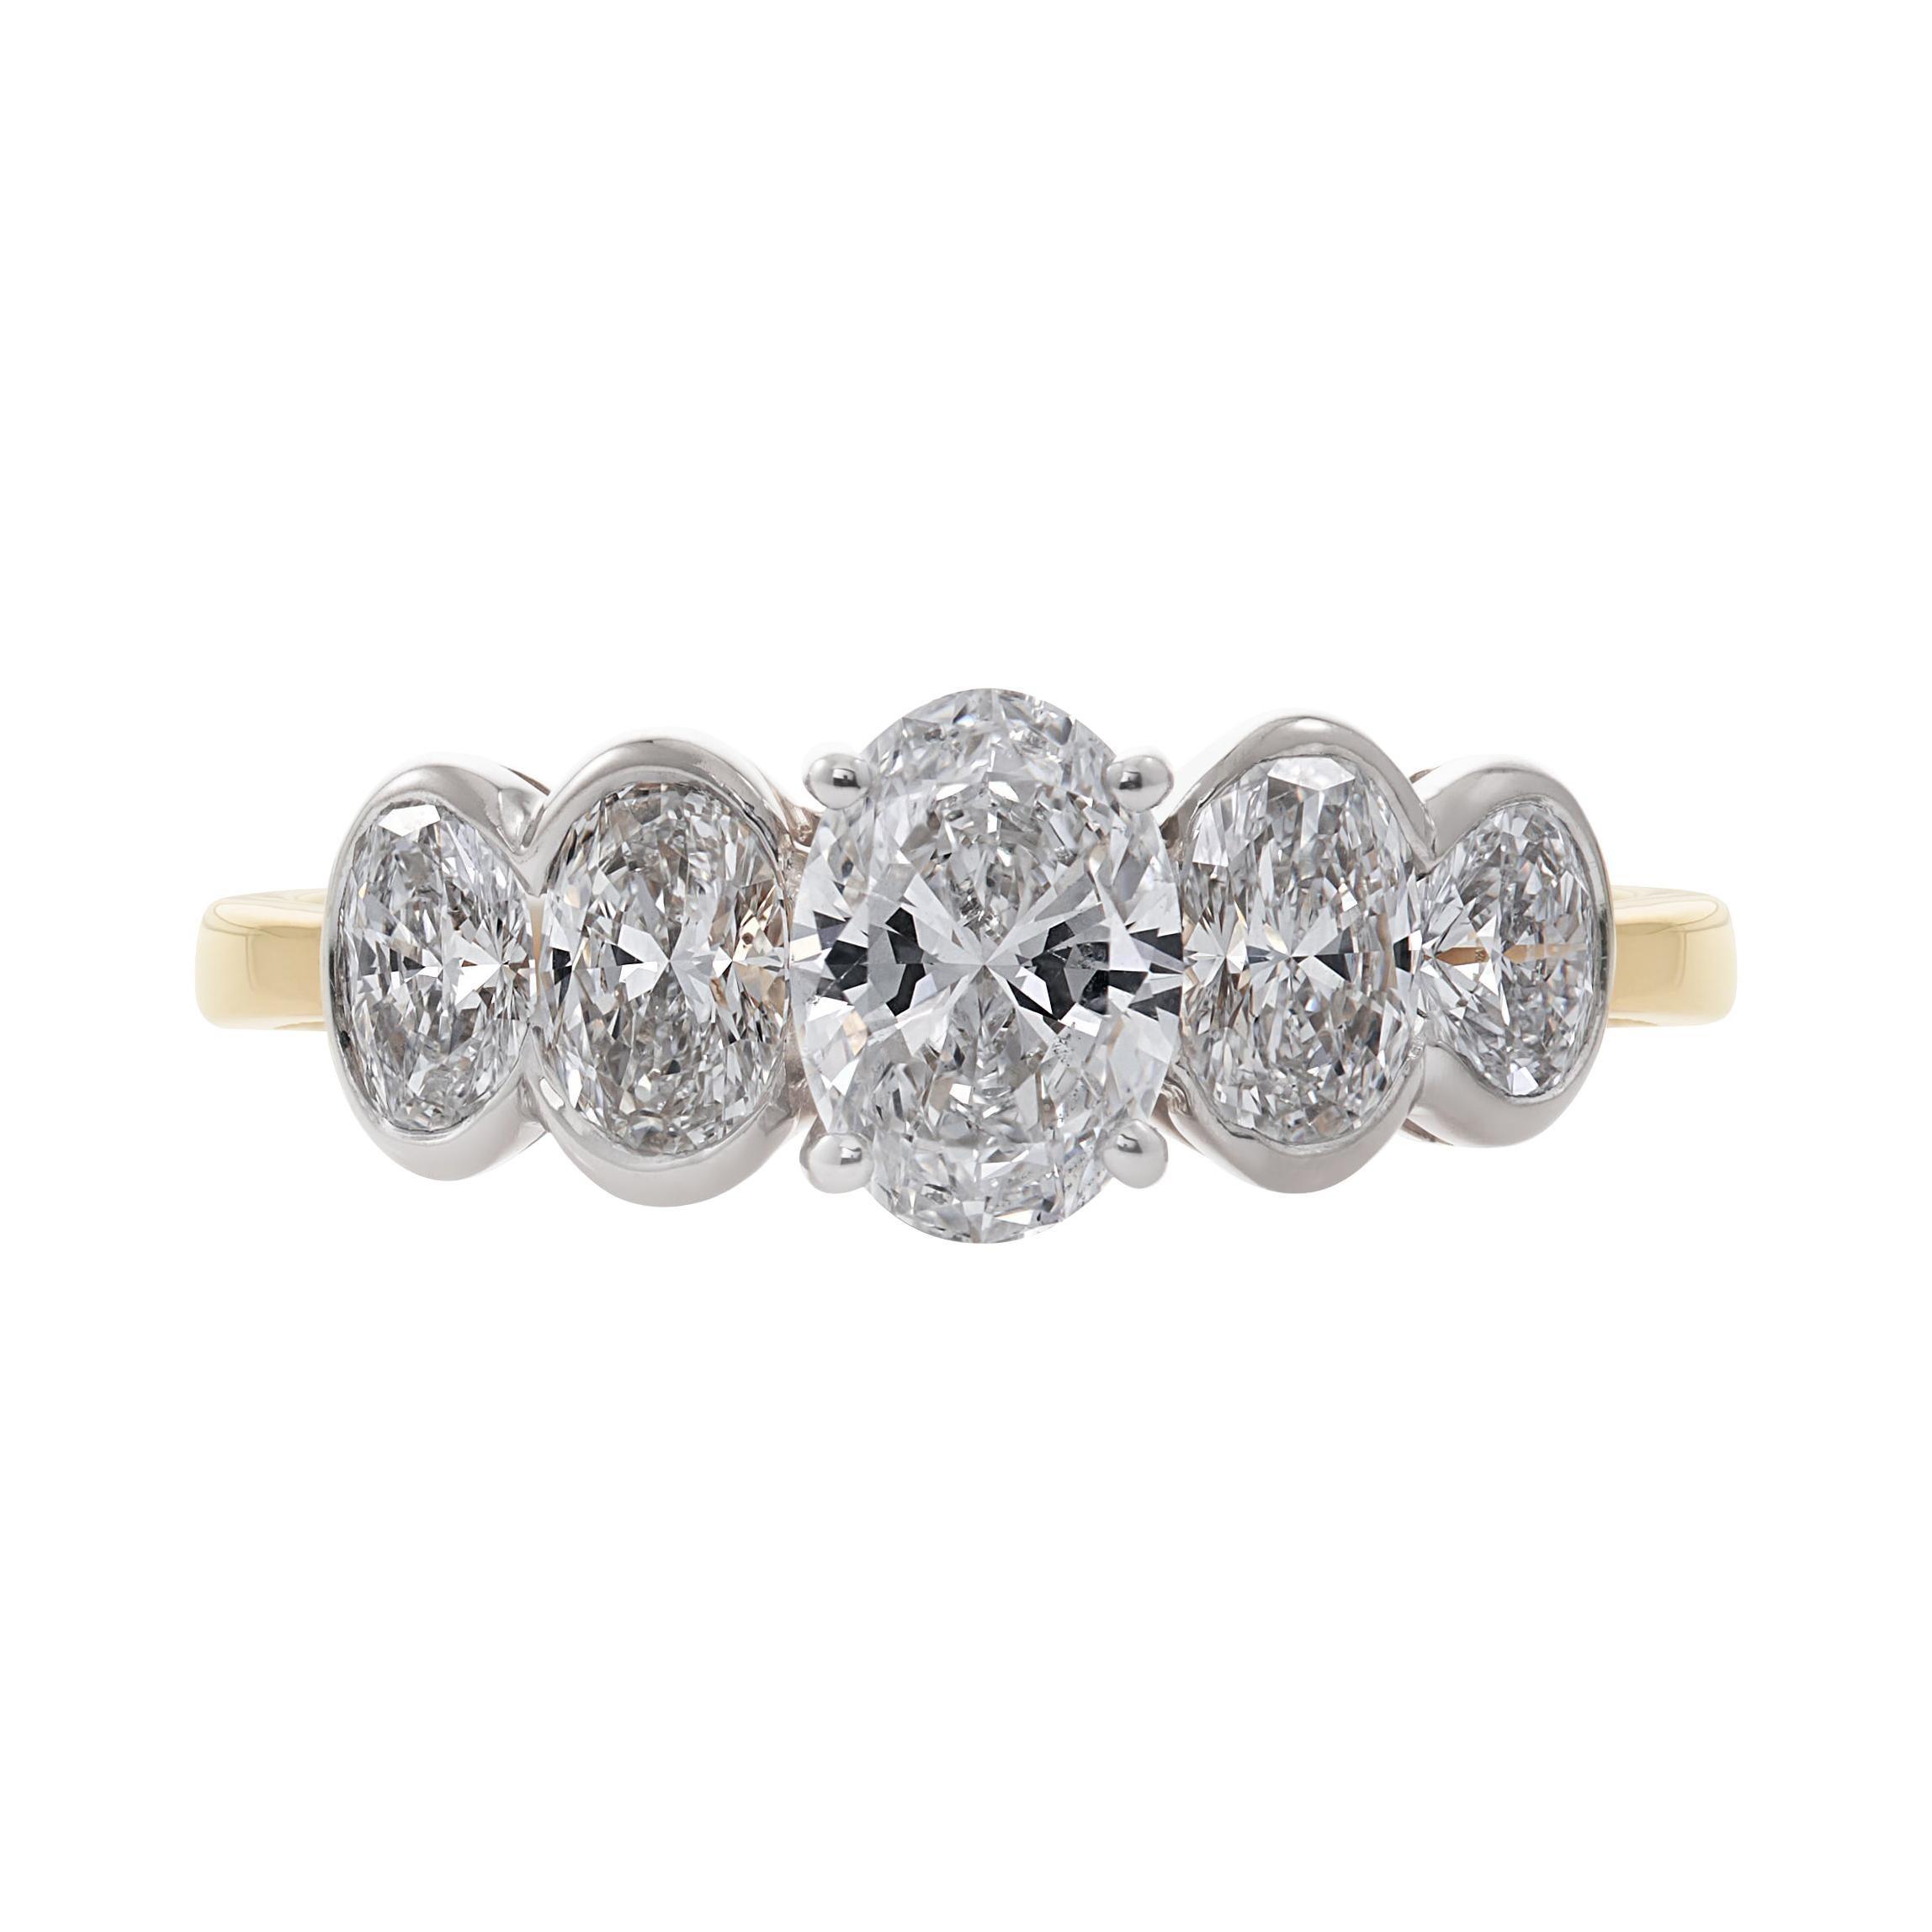 Handmade 18ct Yellow Gold Five Stone Diamond Ring